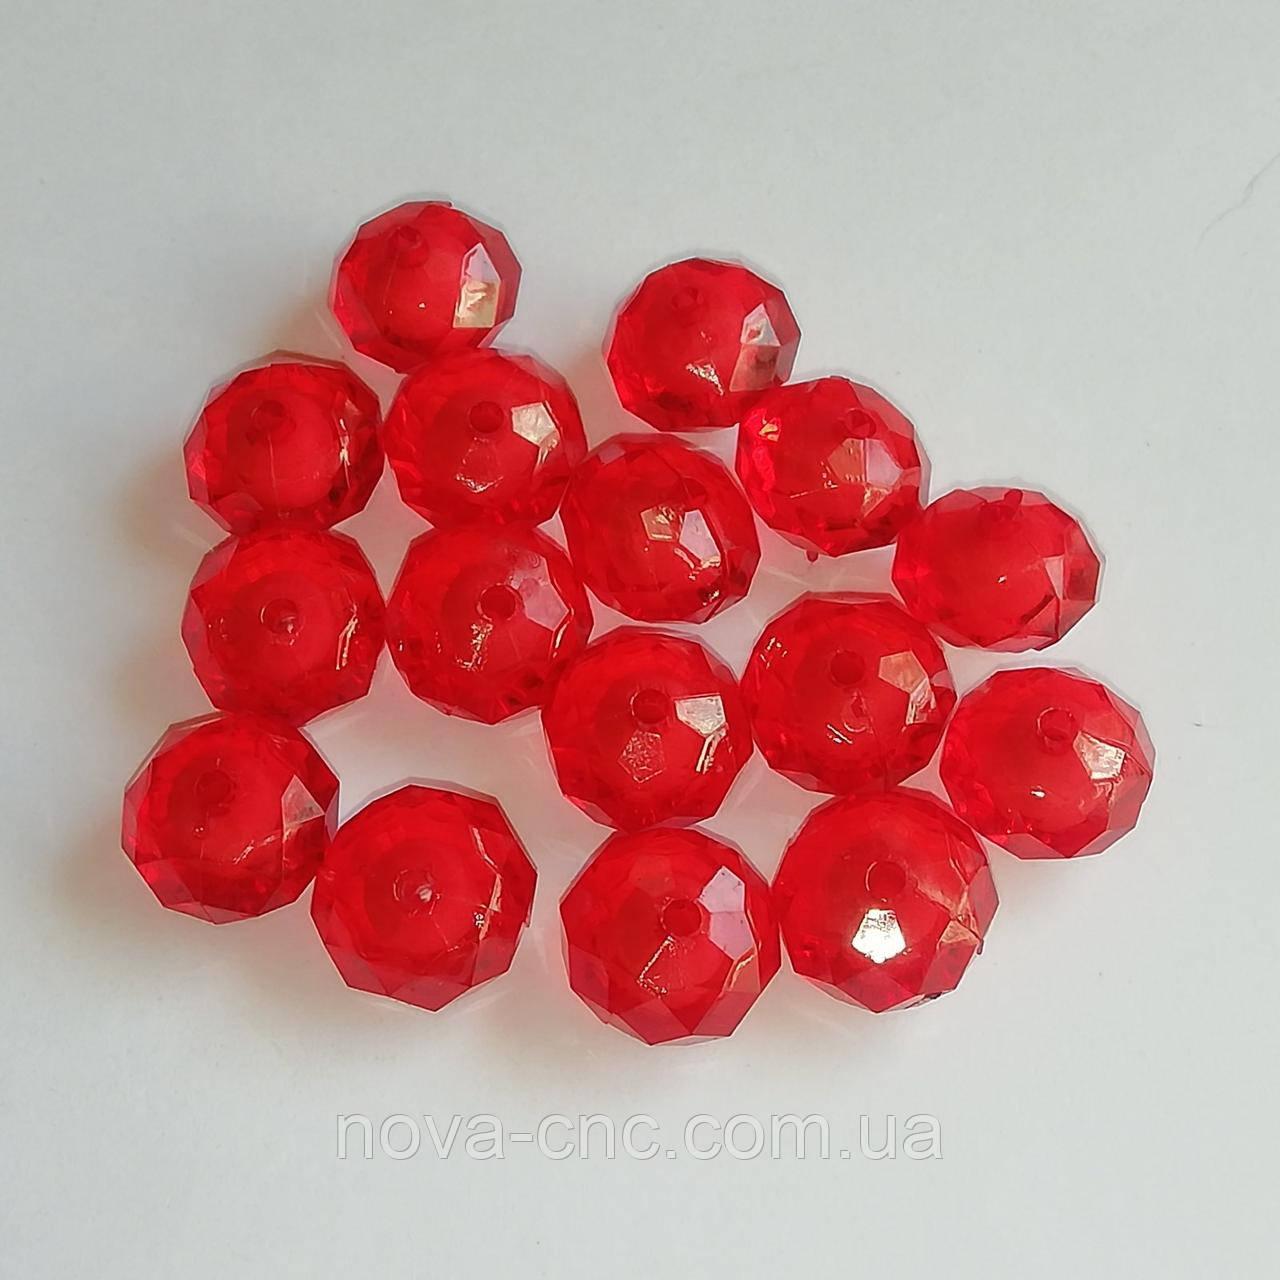 """Бусины акрил """"Рондель"""" красный прозрачный с белой серединкой 13 мм 500 грамм"""